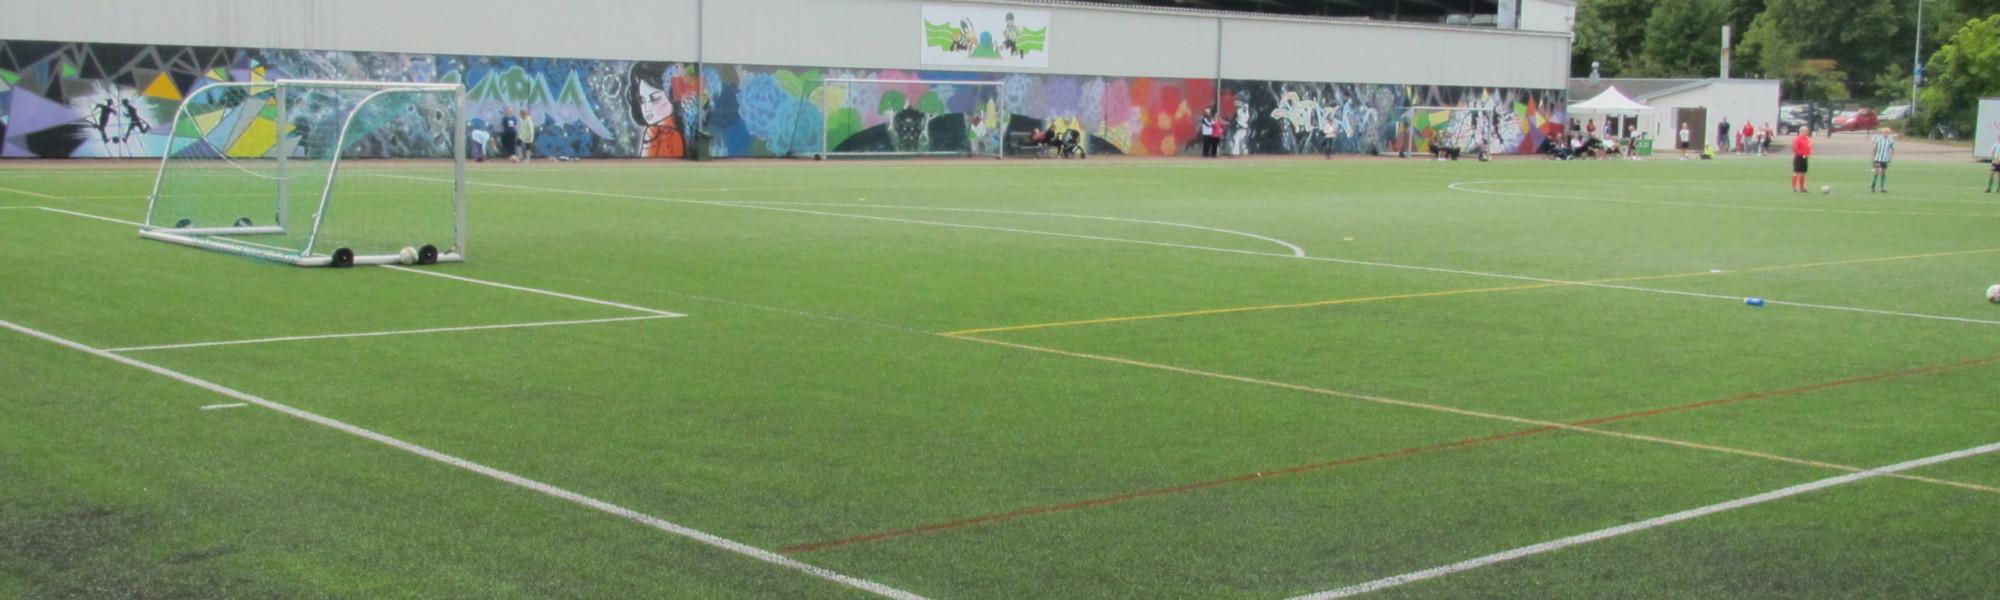 Kuvassa on Arto Tolsa -areenan lähiliikuntapaikka